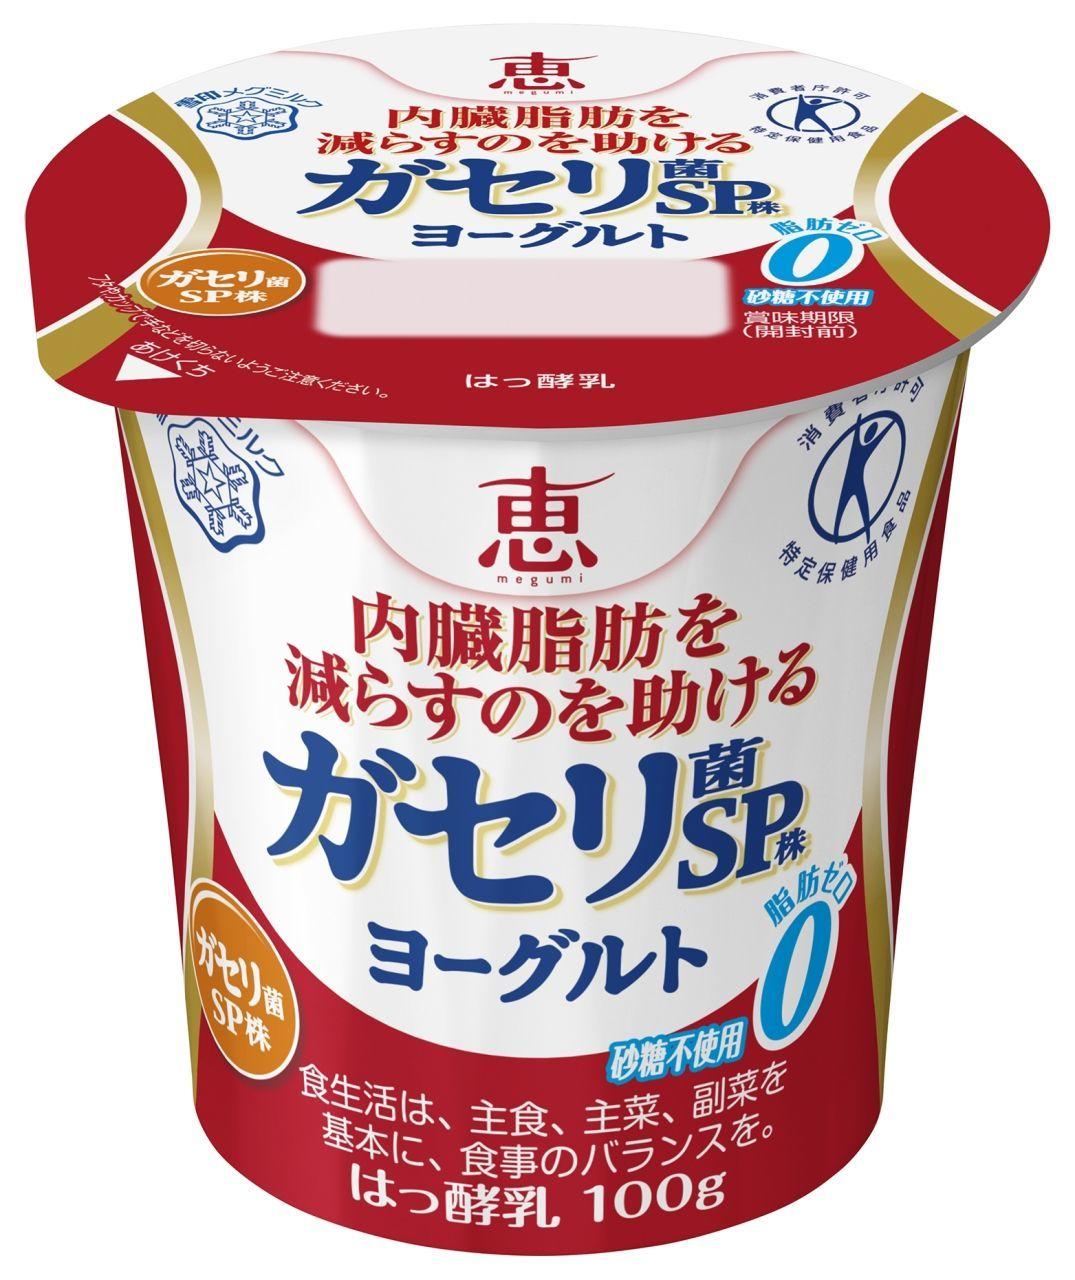 【雪印メグミルク】特定保健用食品『恵 megumiガセリ菌SP株 ...